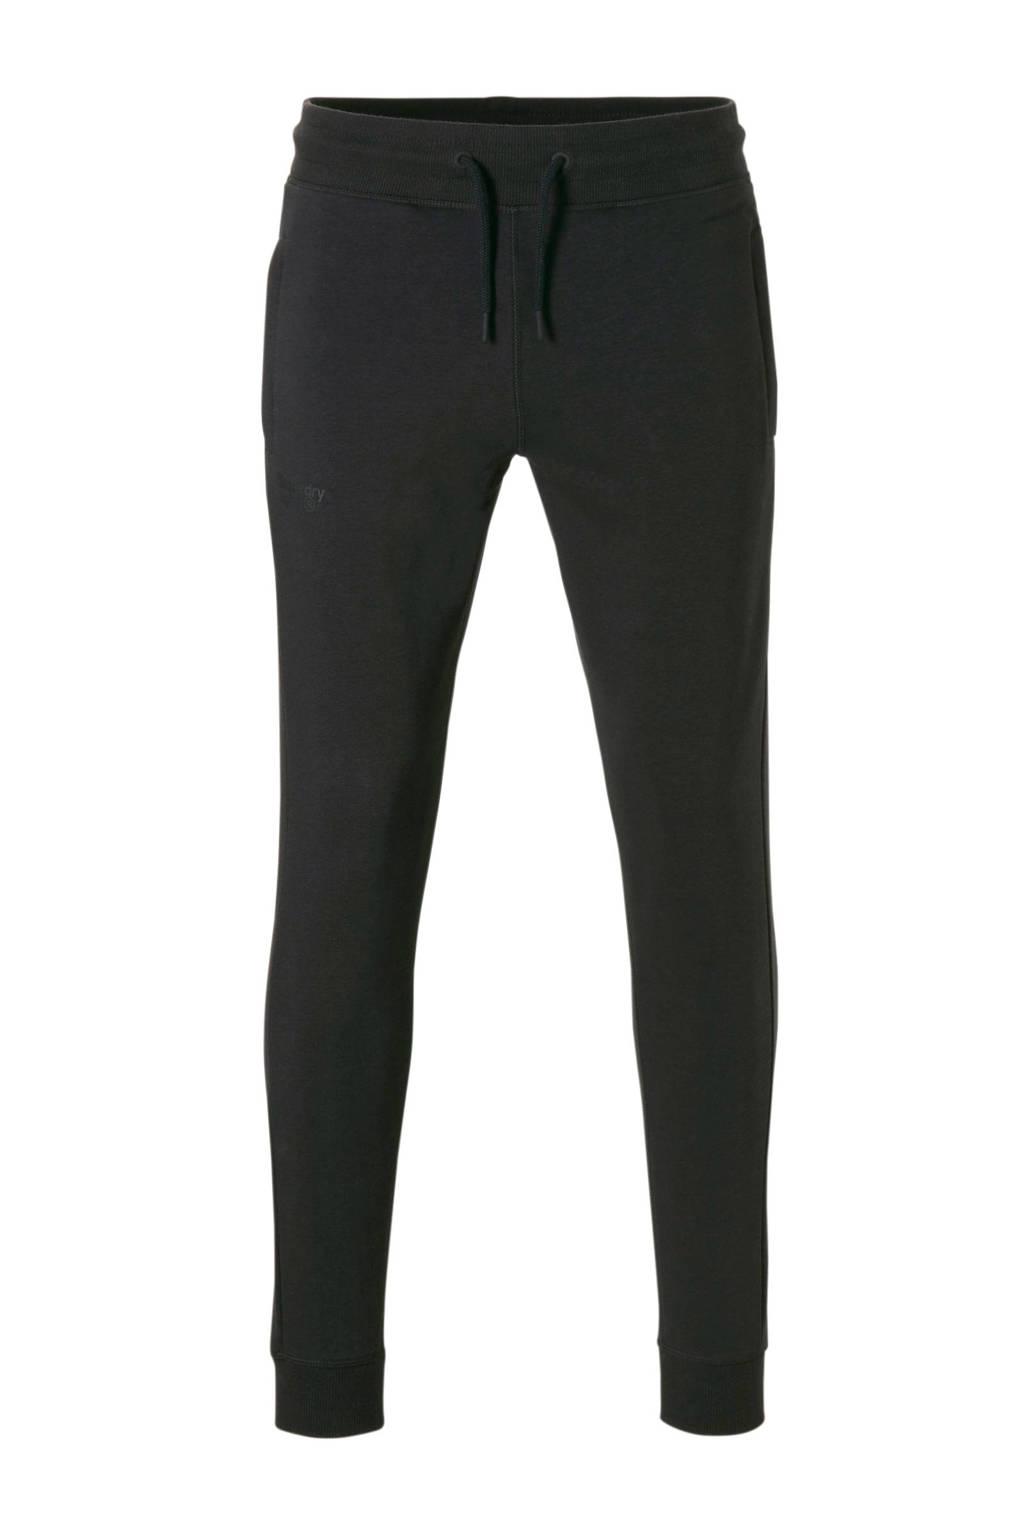 Superdry Sport regular fit joggingbroek met logo zwart, Zwart